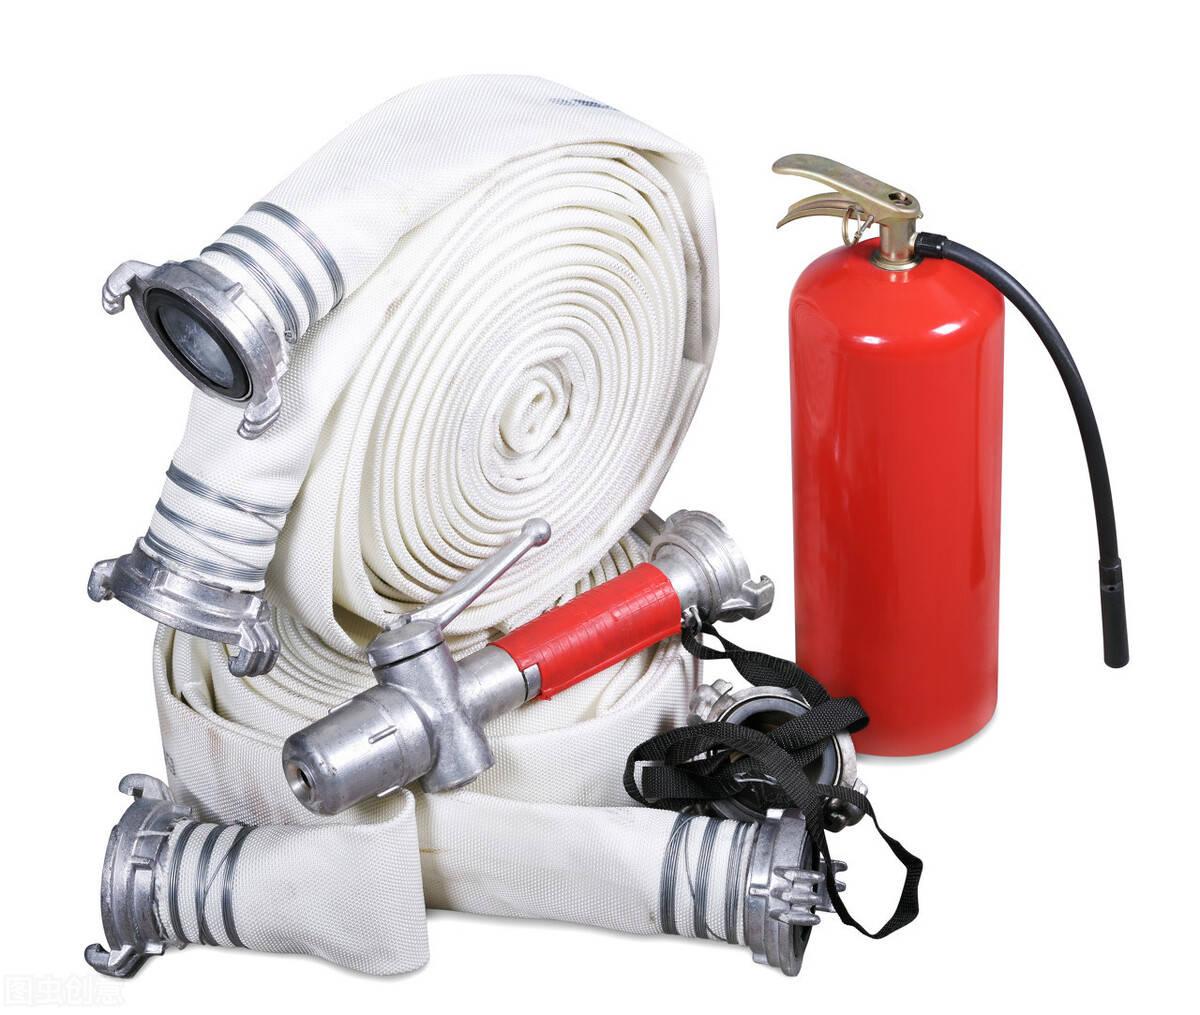 博猫官方登录:消防器材商标属于哪一类?